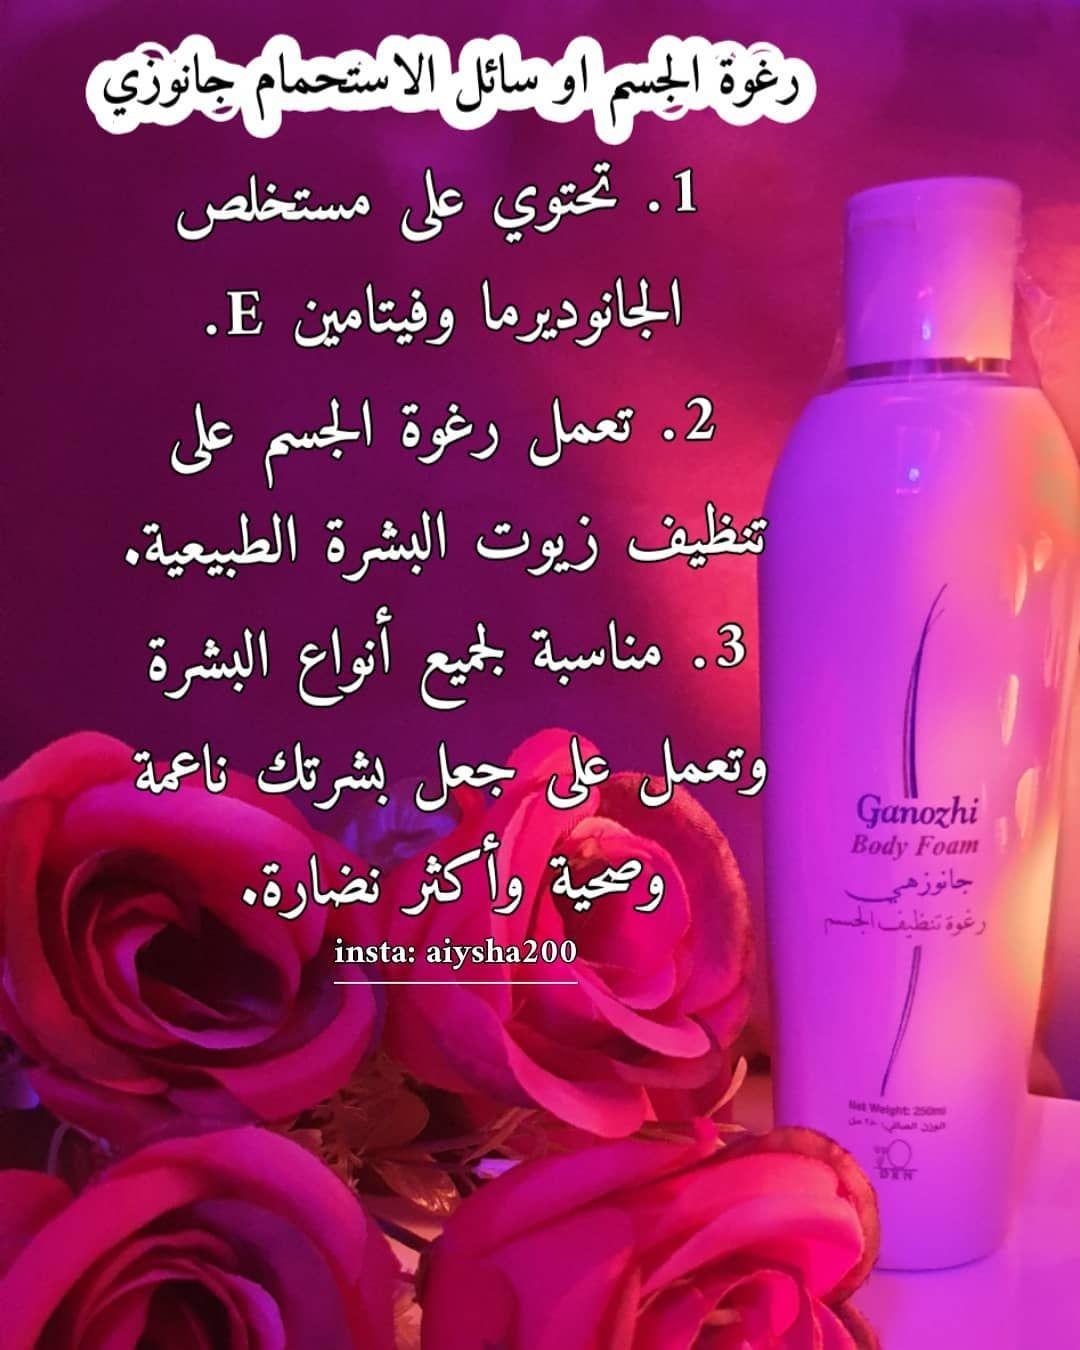 منتجات طبيعية جيزان تجارب Dxn منتجات صحية نظافة عناية جمال دكسن صحة السعودية عضوي بنات صابونة جانوزي Body Foam Foam Body